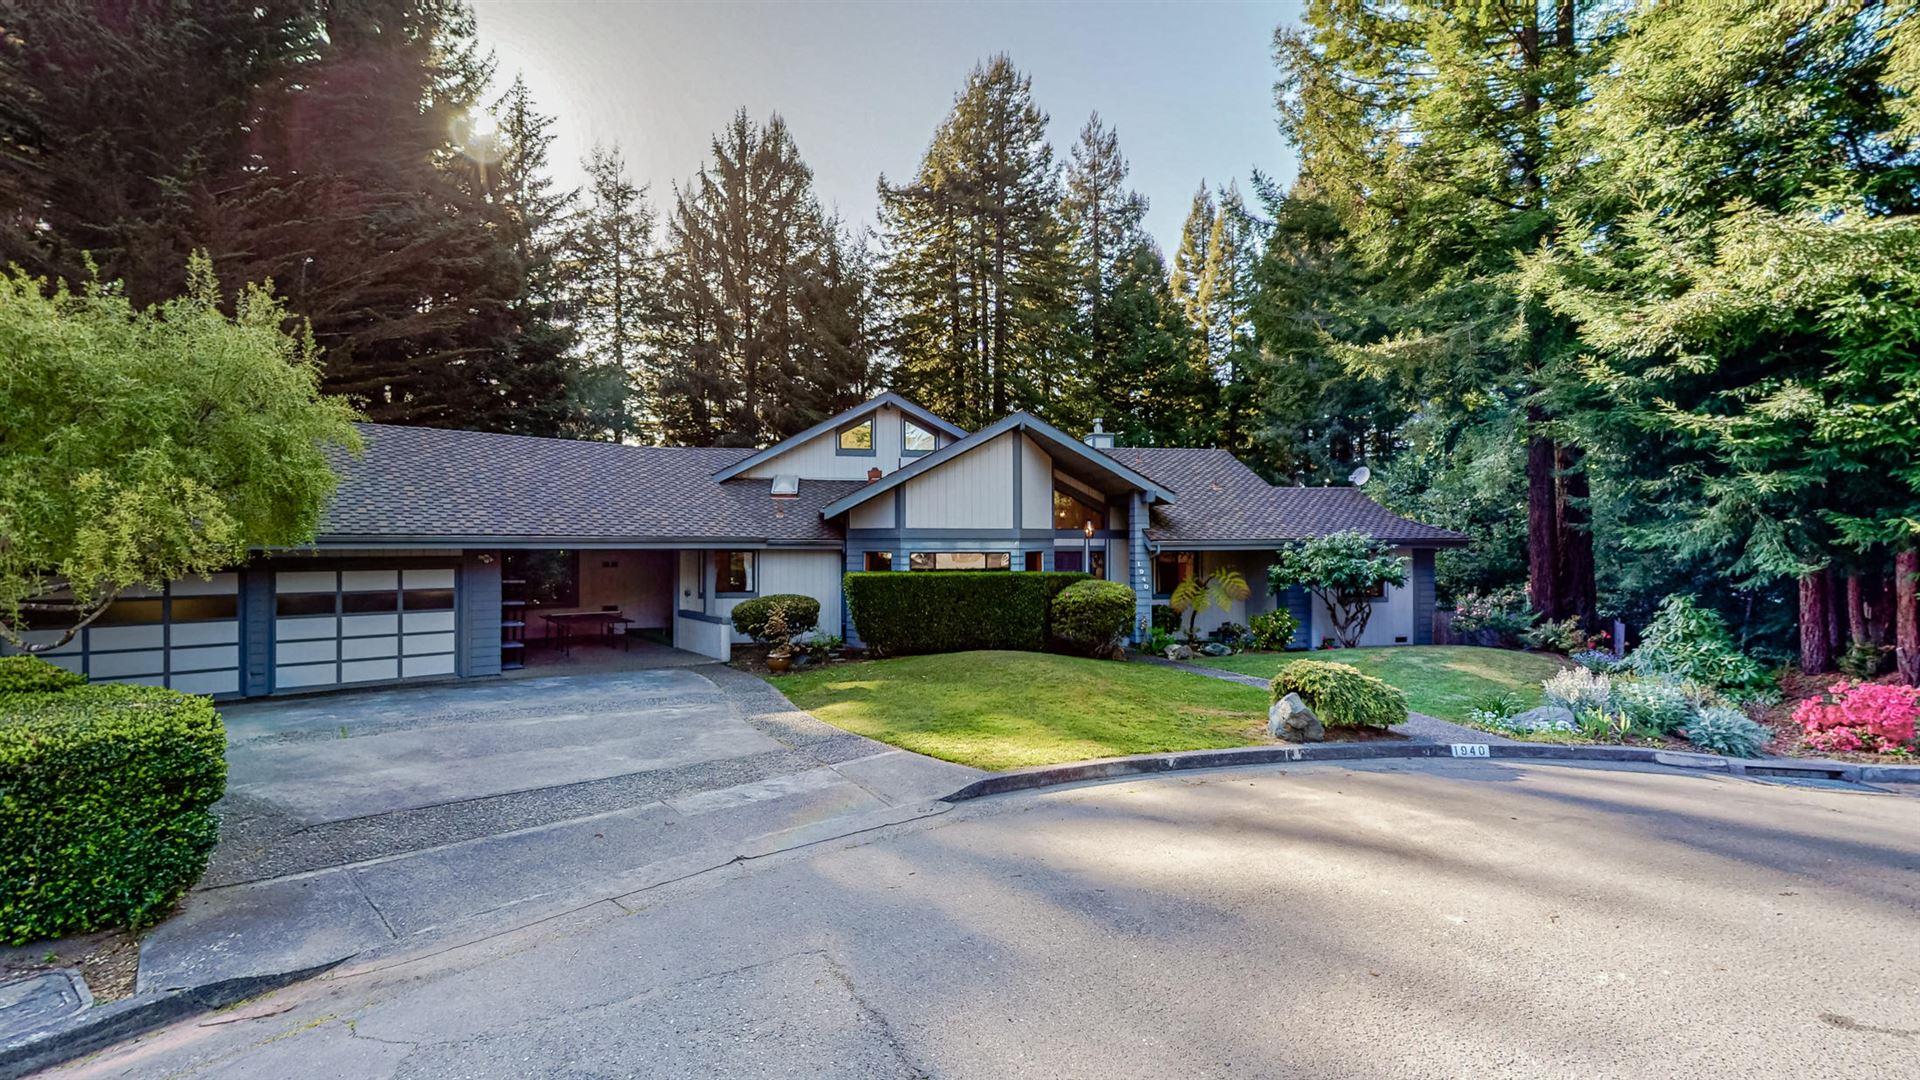 1940 Huckleberry Court, Eureka, CA 95503 - MLS#: 258795